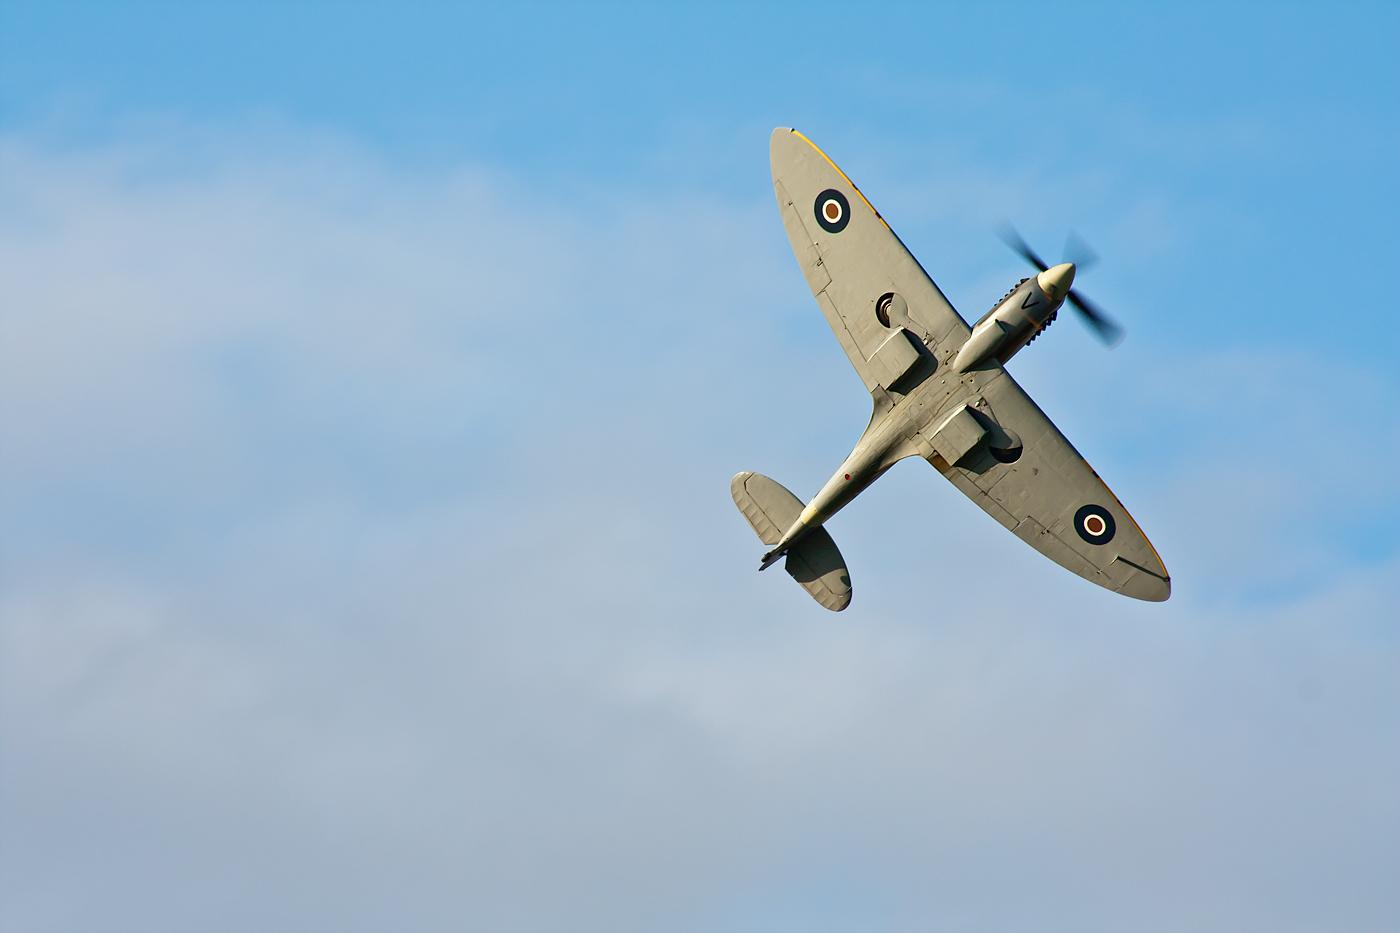 Spitfire IV by ukwreckdiver